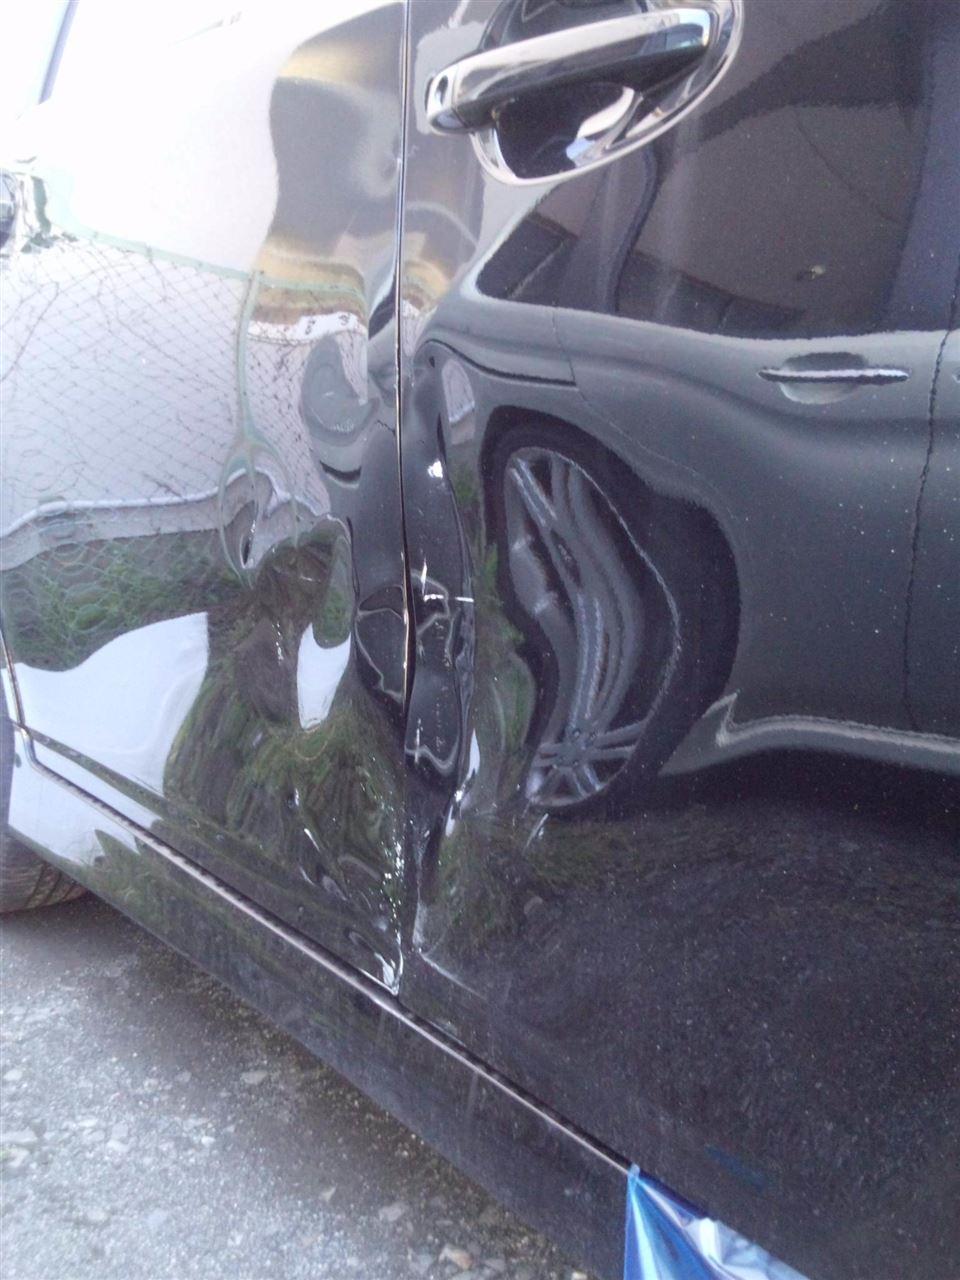 東京都立川市の車の板金塗装修理工場 ガレージローライドのトヨタ ウィッシュの右側面のキズ へこみ の板金 修理 塗装 です。